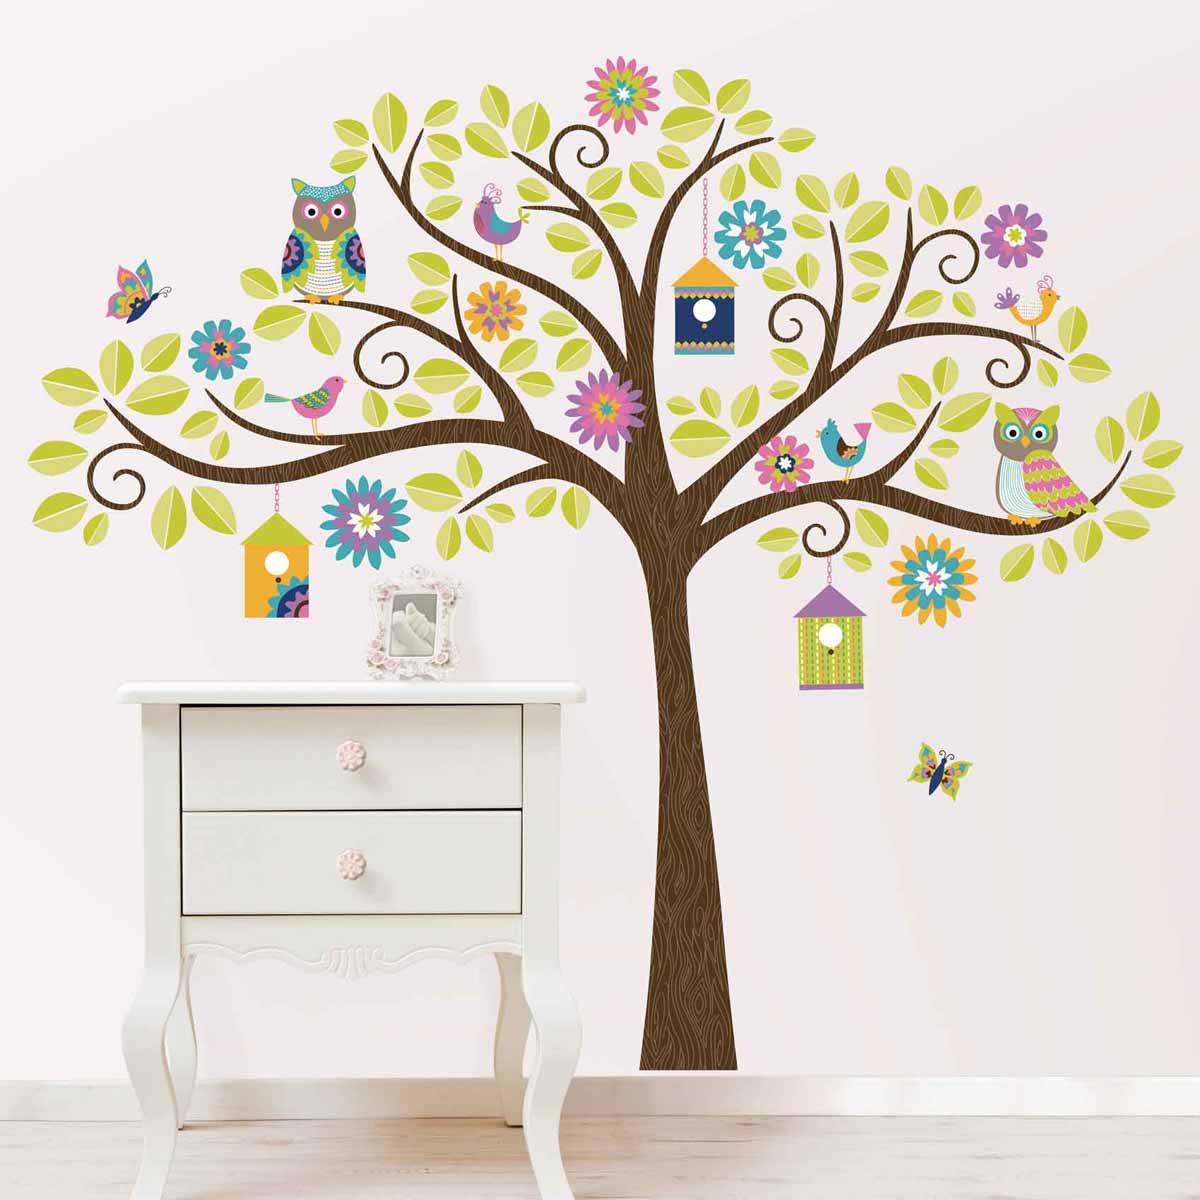 Παιδικό Αυτοκόλλητο Τοίχου WallPops Χαρούμενο Δέντρο WΡ0838